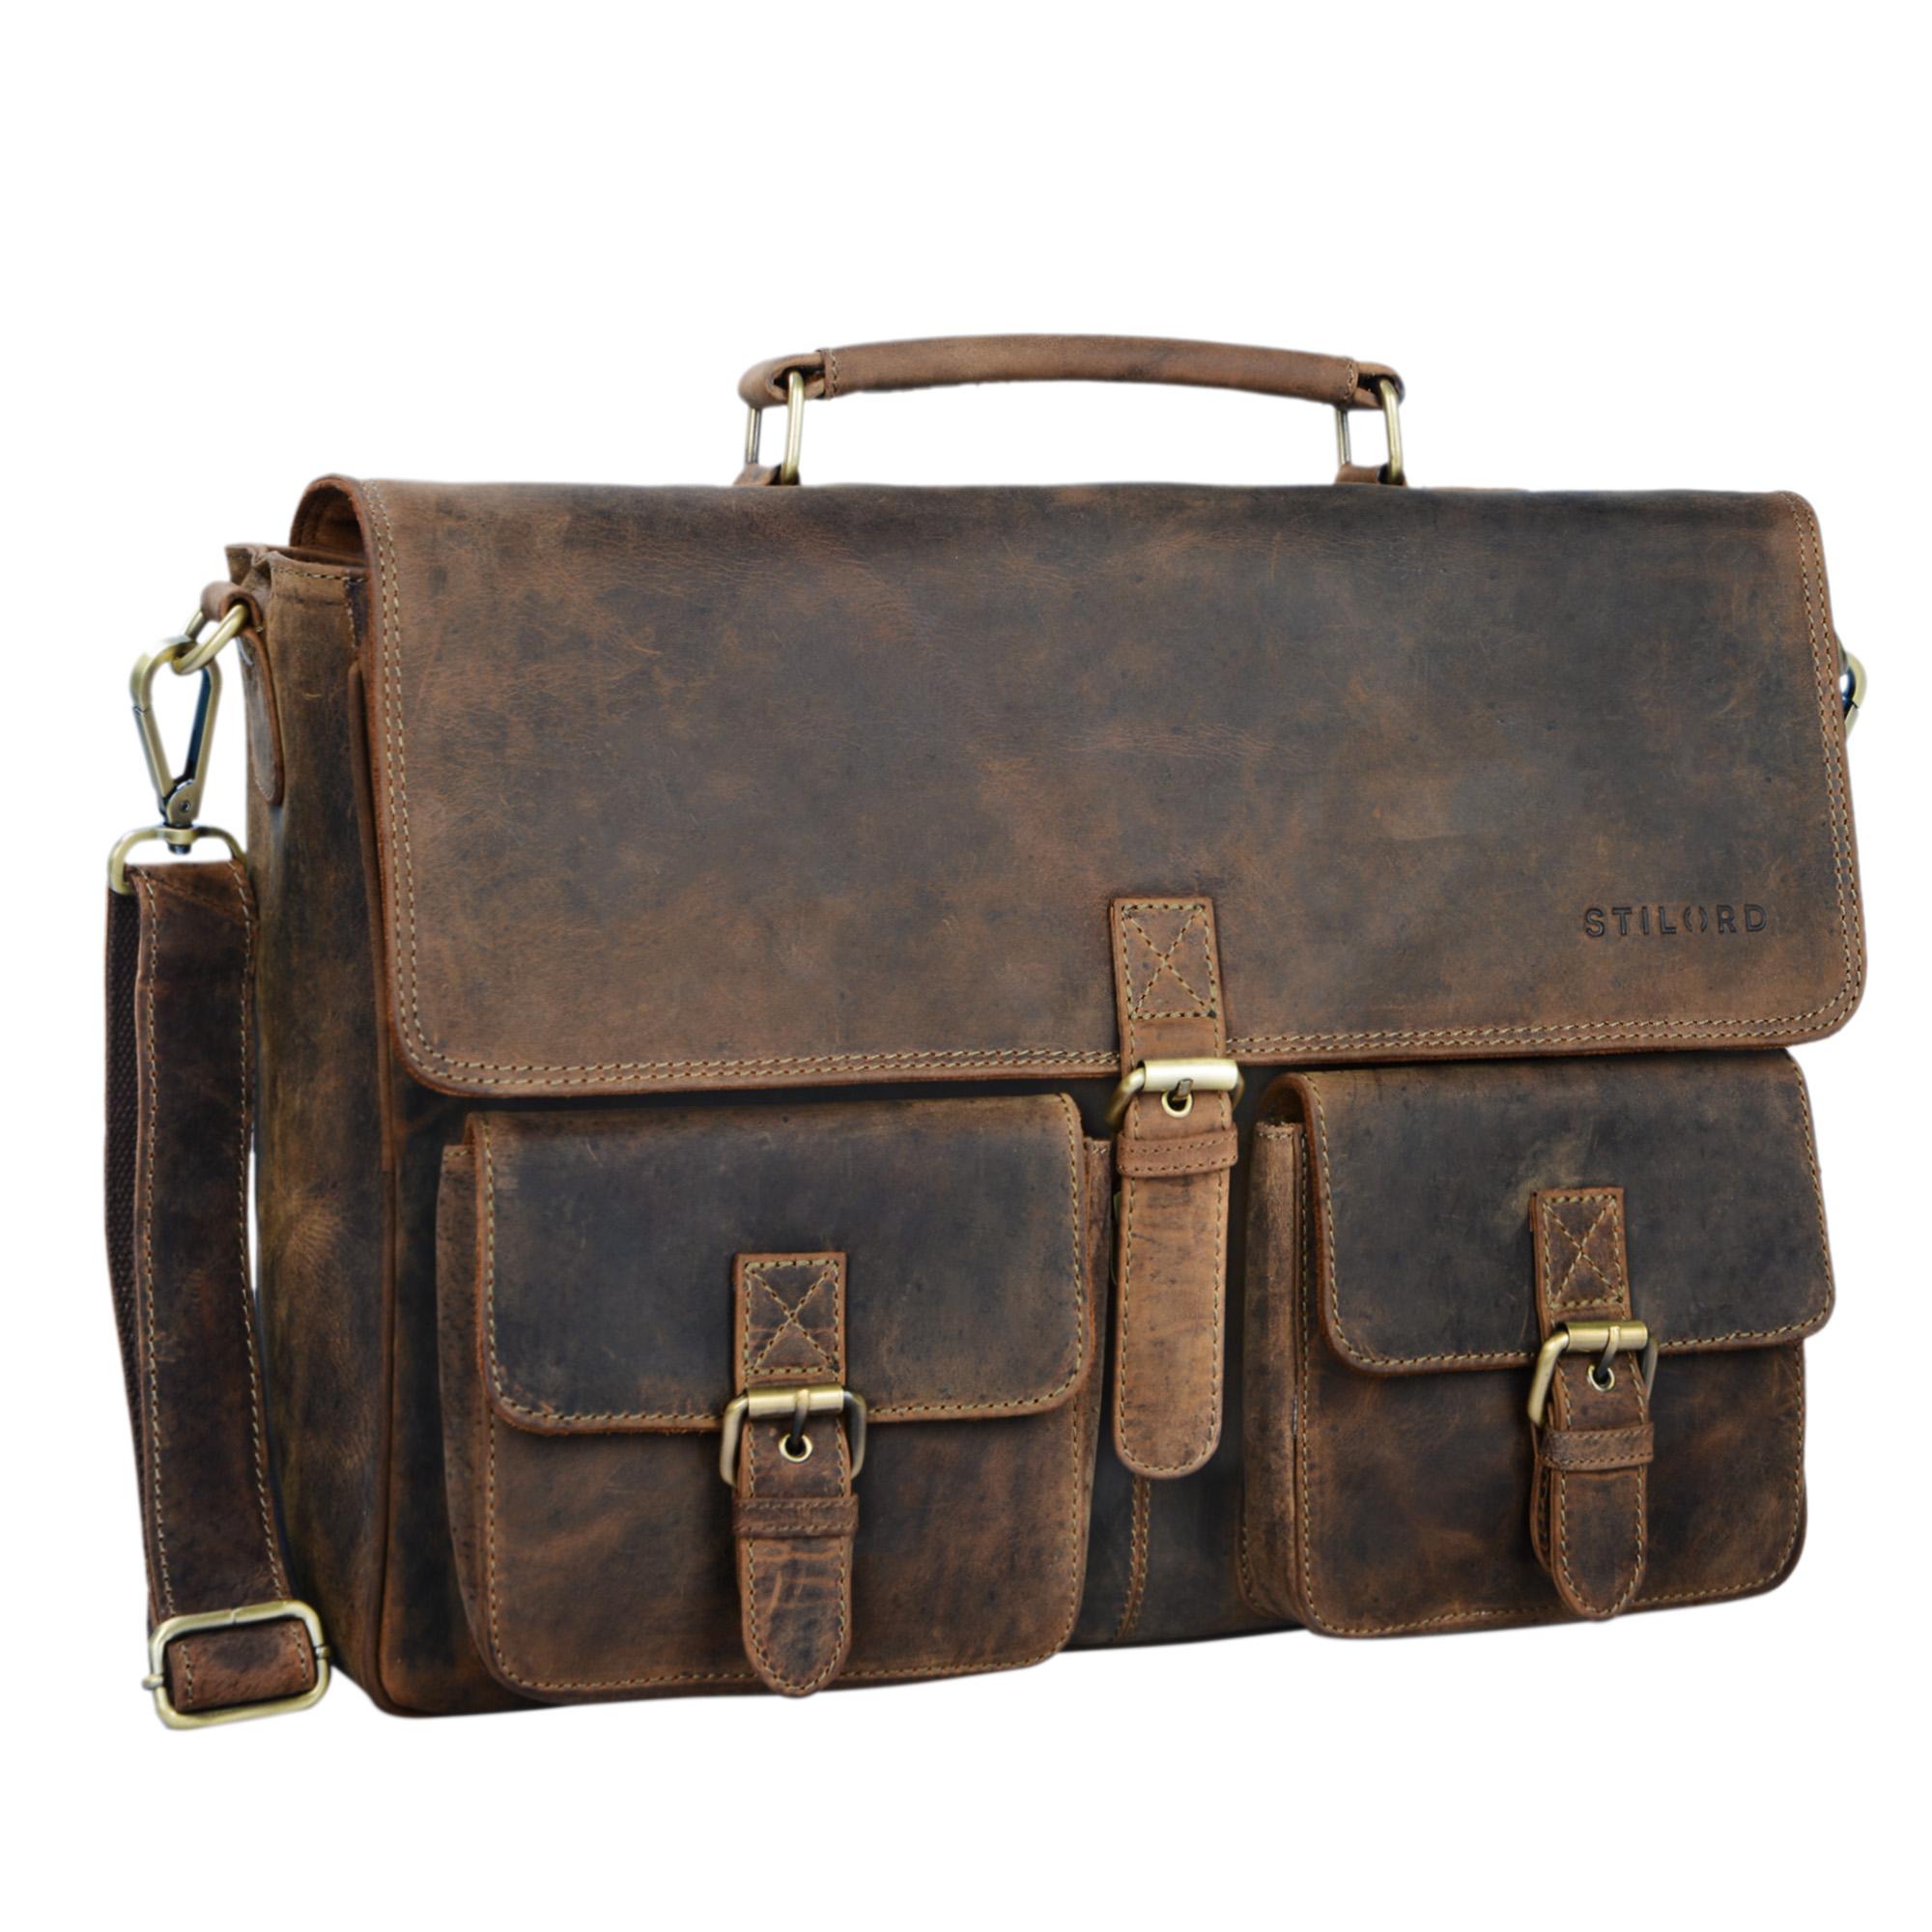 """STILORD """"Victor"""" Vintage Aktentasche Herren Leder moderne Businesstasche für große A4 Aktenordner XL Umhängetasche 15.6 Zoll mit Dreifachtrenner aus echtem Leder - Bild 8"""